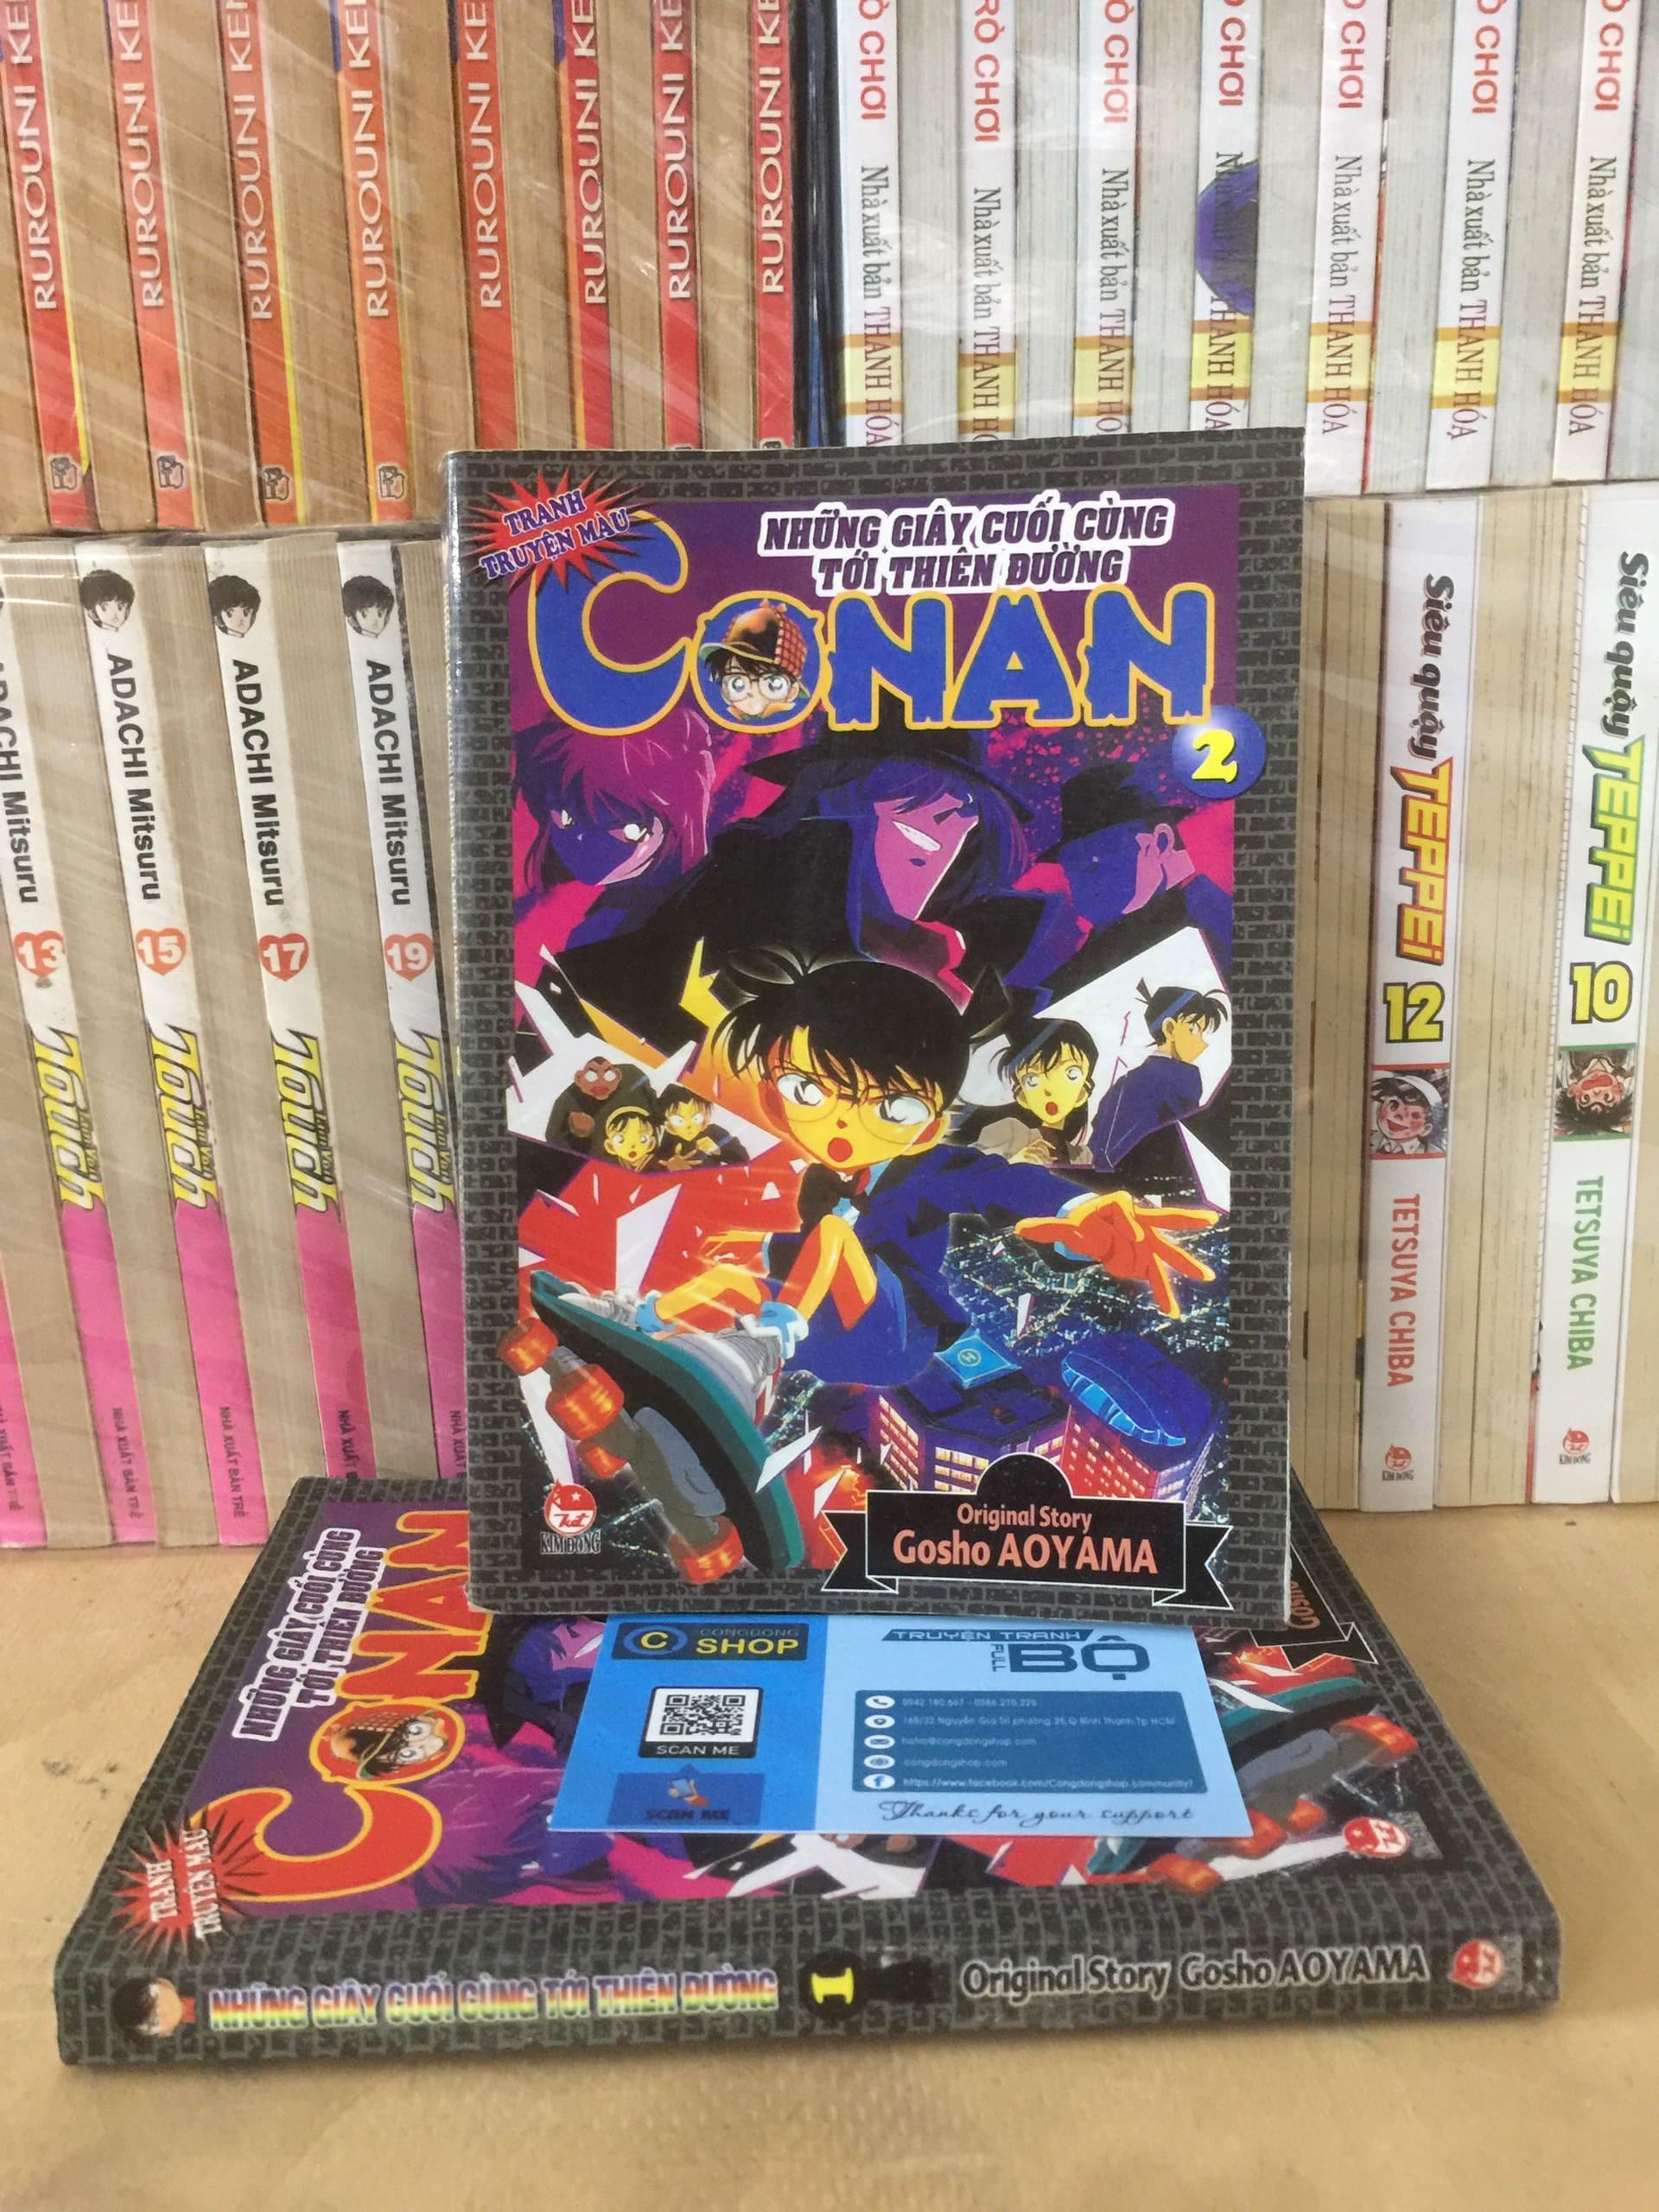 Truyện Conan Màu – Những Giây Cuối Cùng Tới Thiên Đường